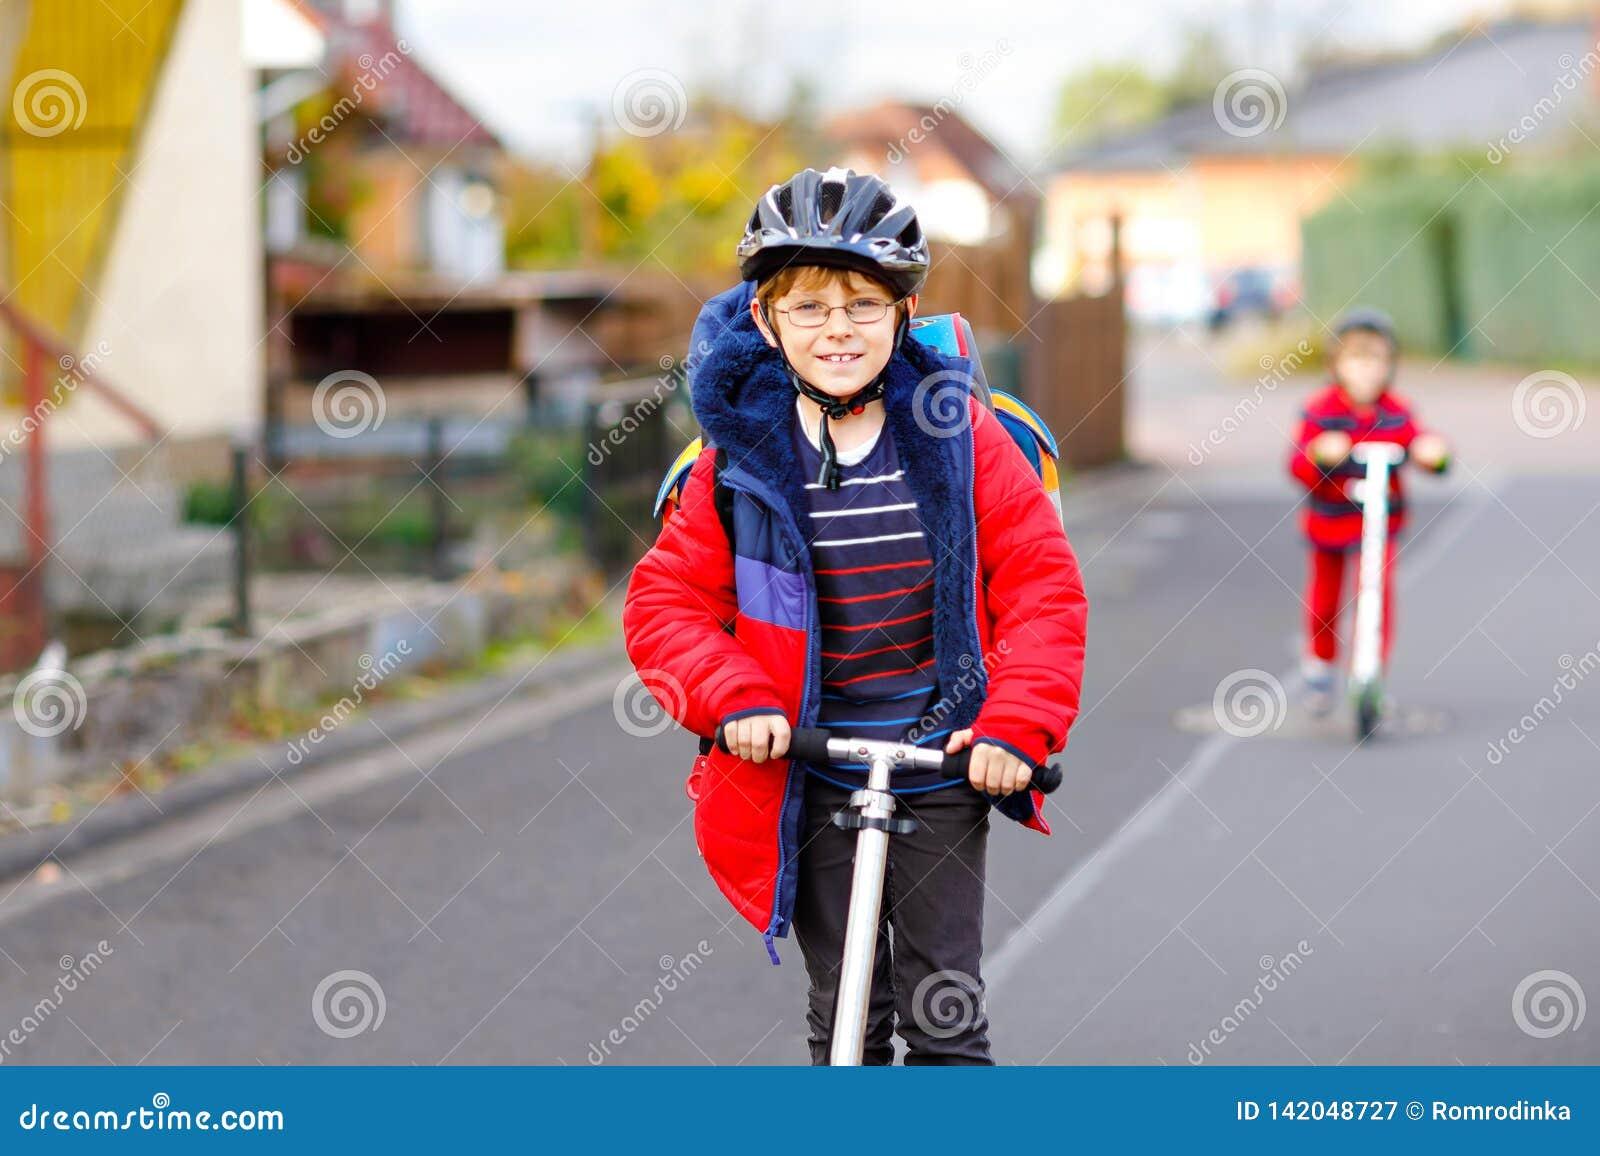 Zwei Kleinkindjungen, die auf dem Weg auf Stoßroller nach oder von Schule fahren Schüler von 7 Jahren, die durch Regen fahren